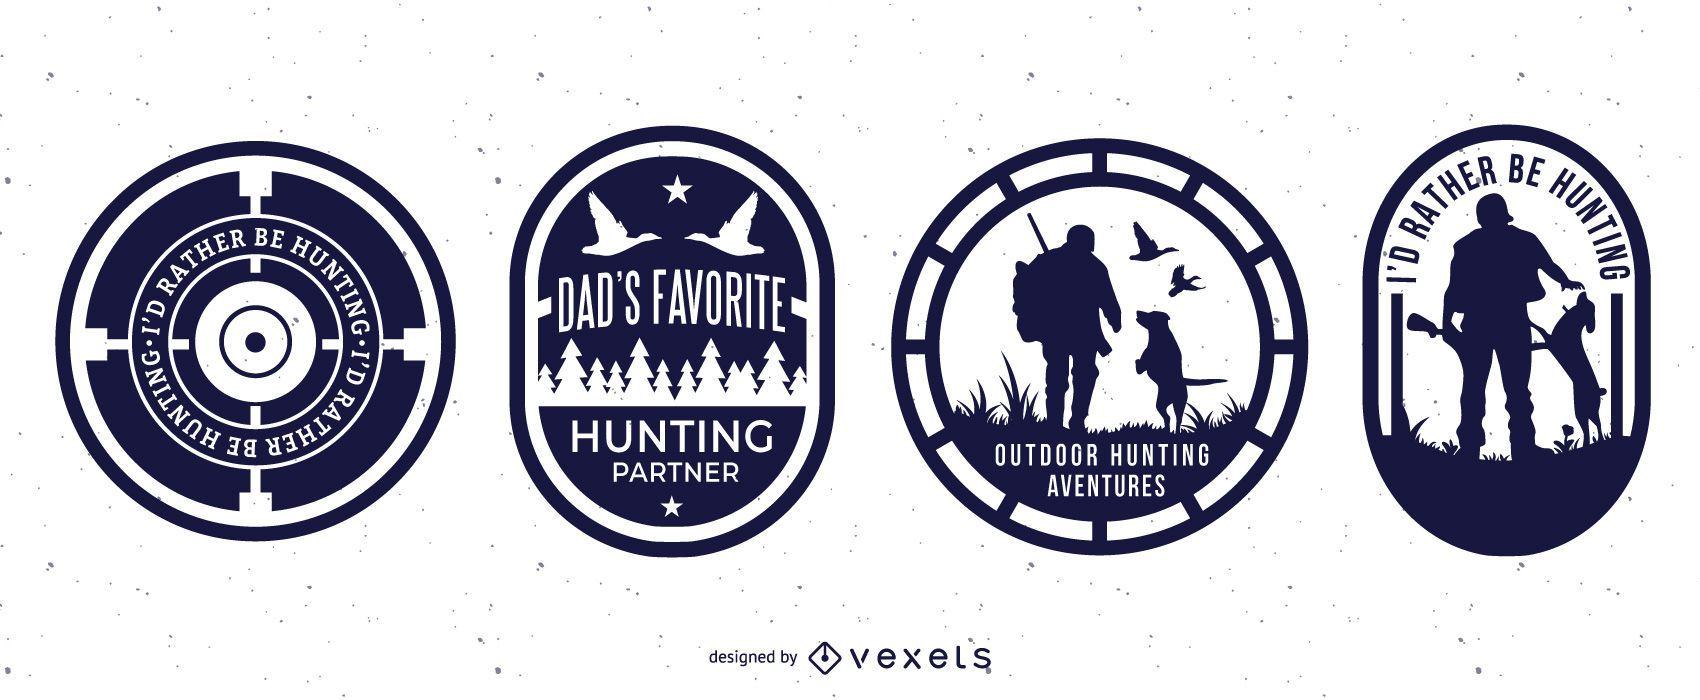 Hunting badges set